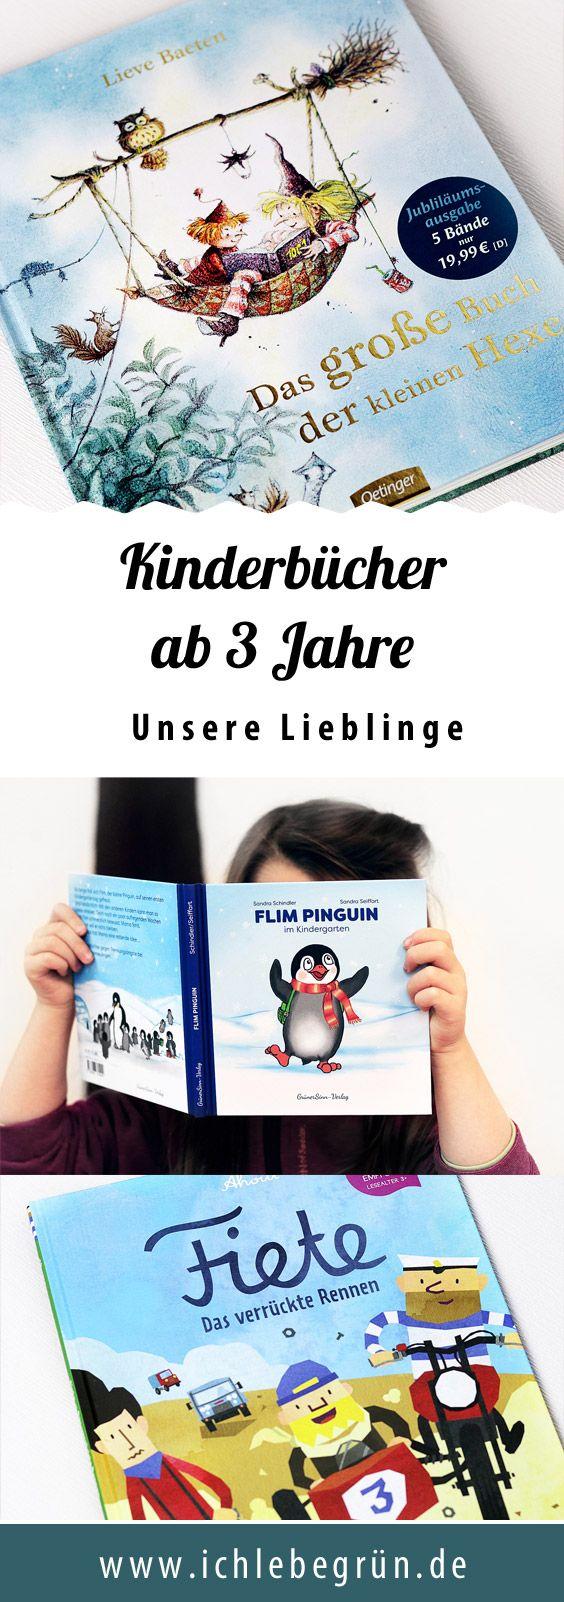 Kinderbücher für 3-jährige - Hexe Lisbet, Flim Pinguin, Fiete und mehr. Unsere Empfehlungen!